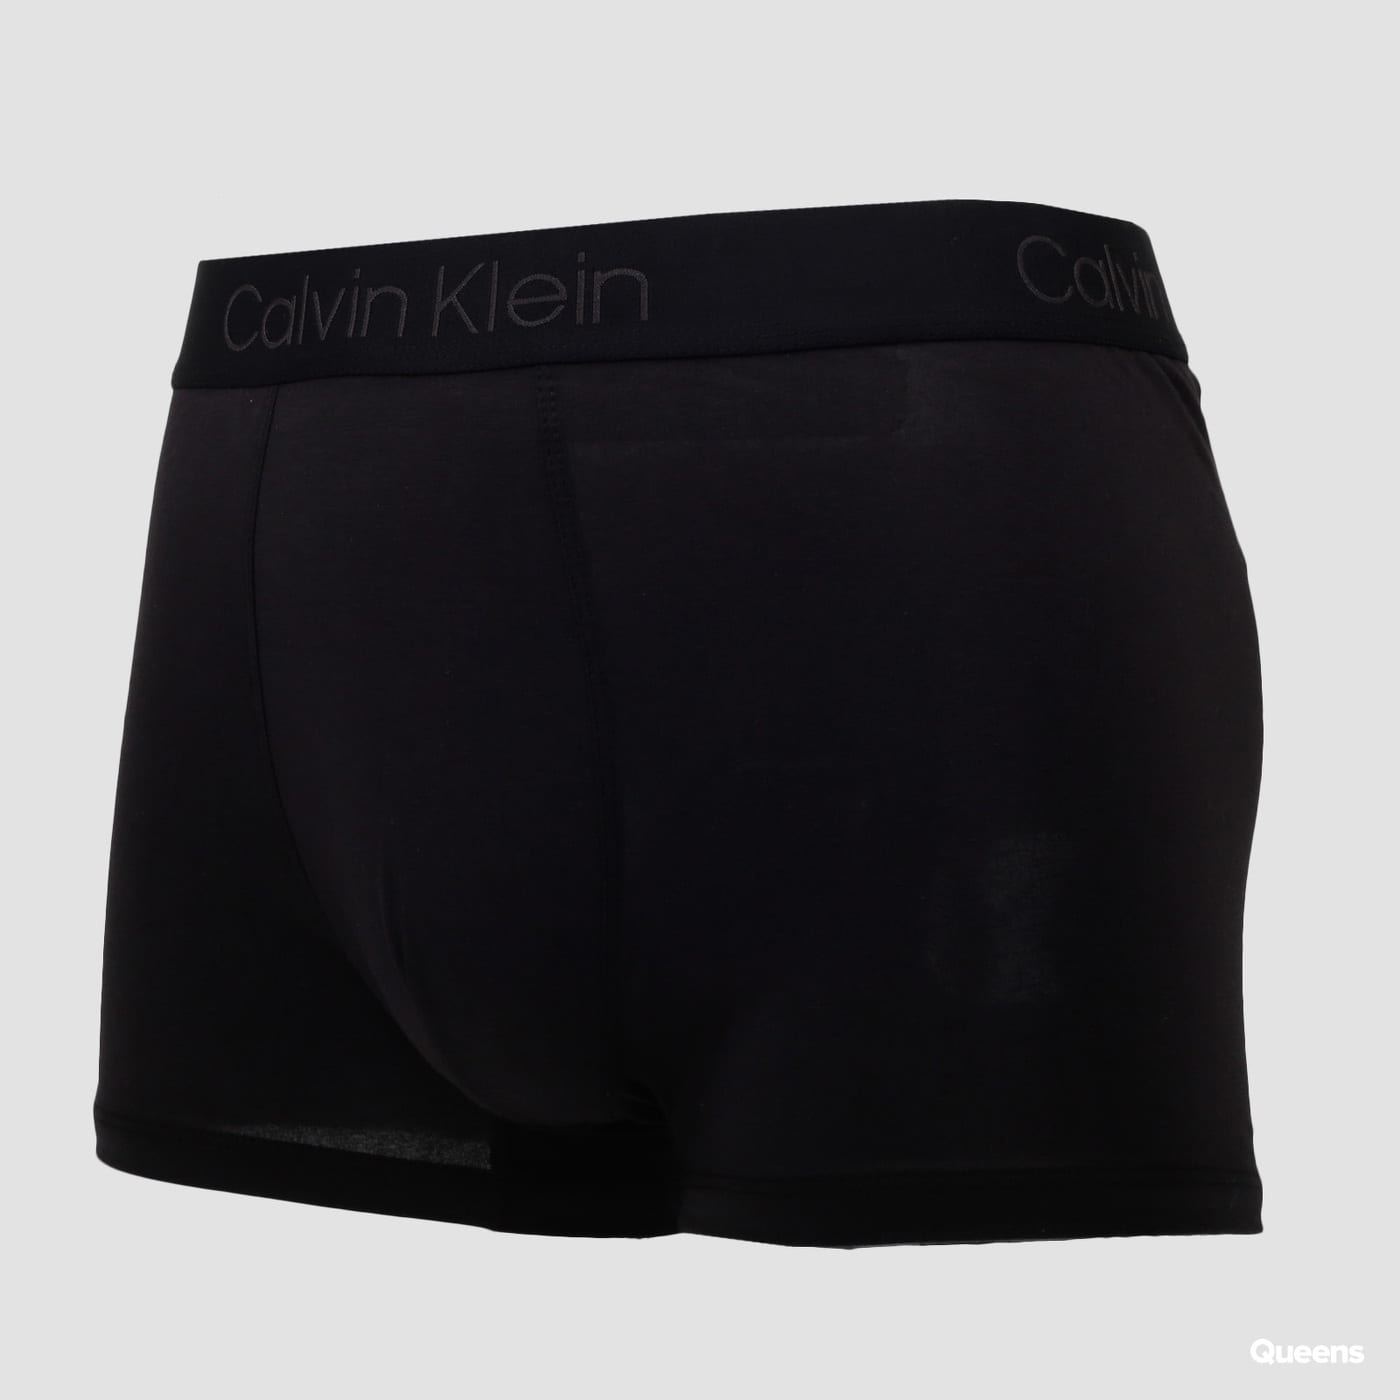 Calvin Klein Egyptian Cotton Trunk černé